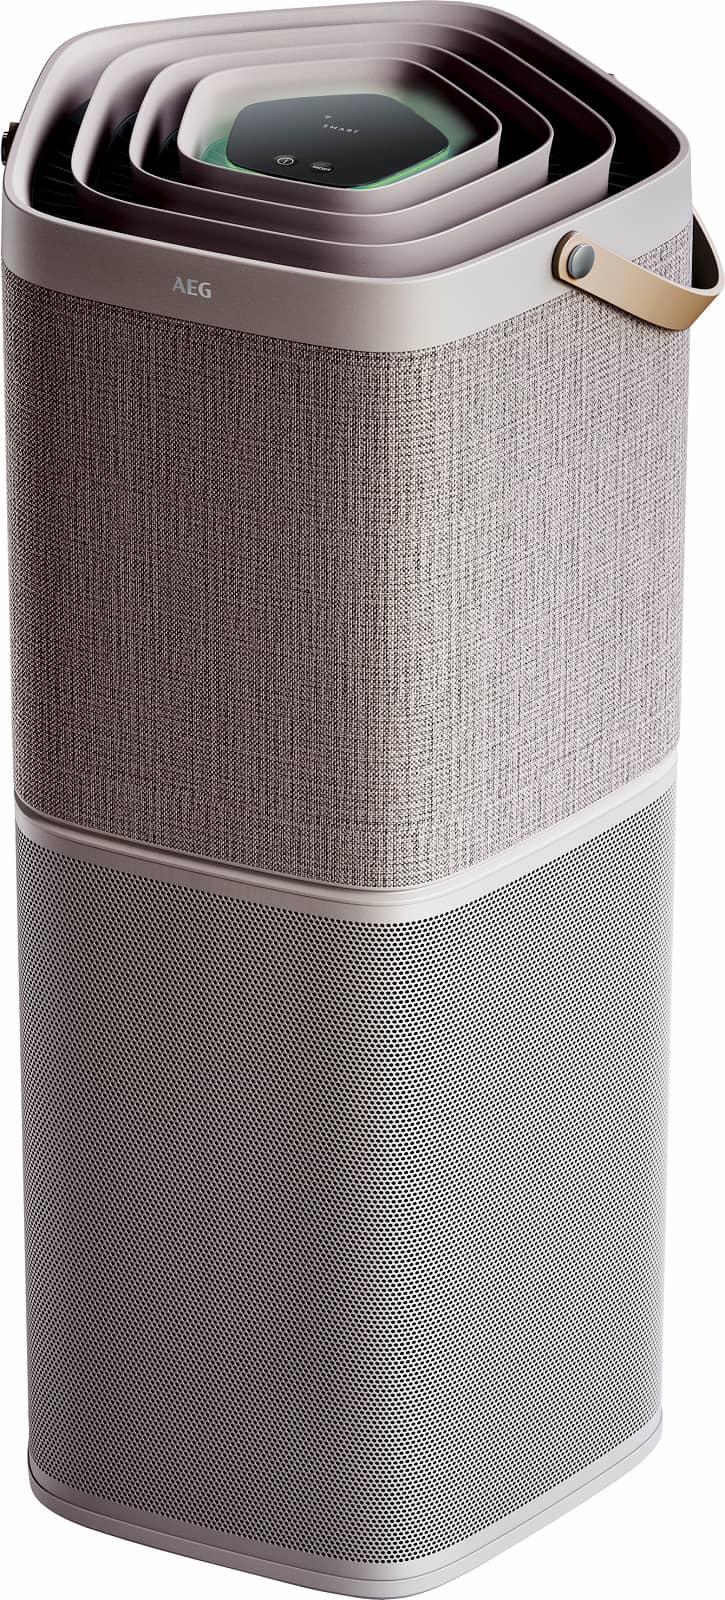 Der AX91-604GY von AEG filtert, neutralisiert und absorbiert zuverlässig sämtliche Luftverunreinigungen in Räumen bis zu 129 Quadratmetern.